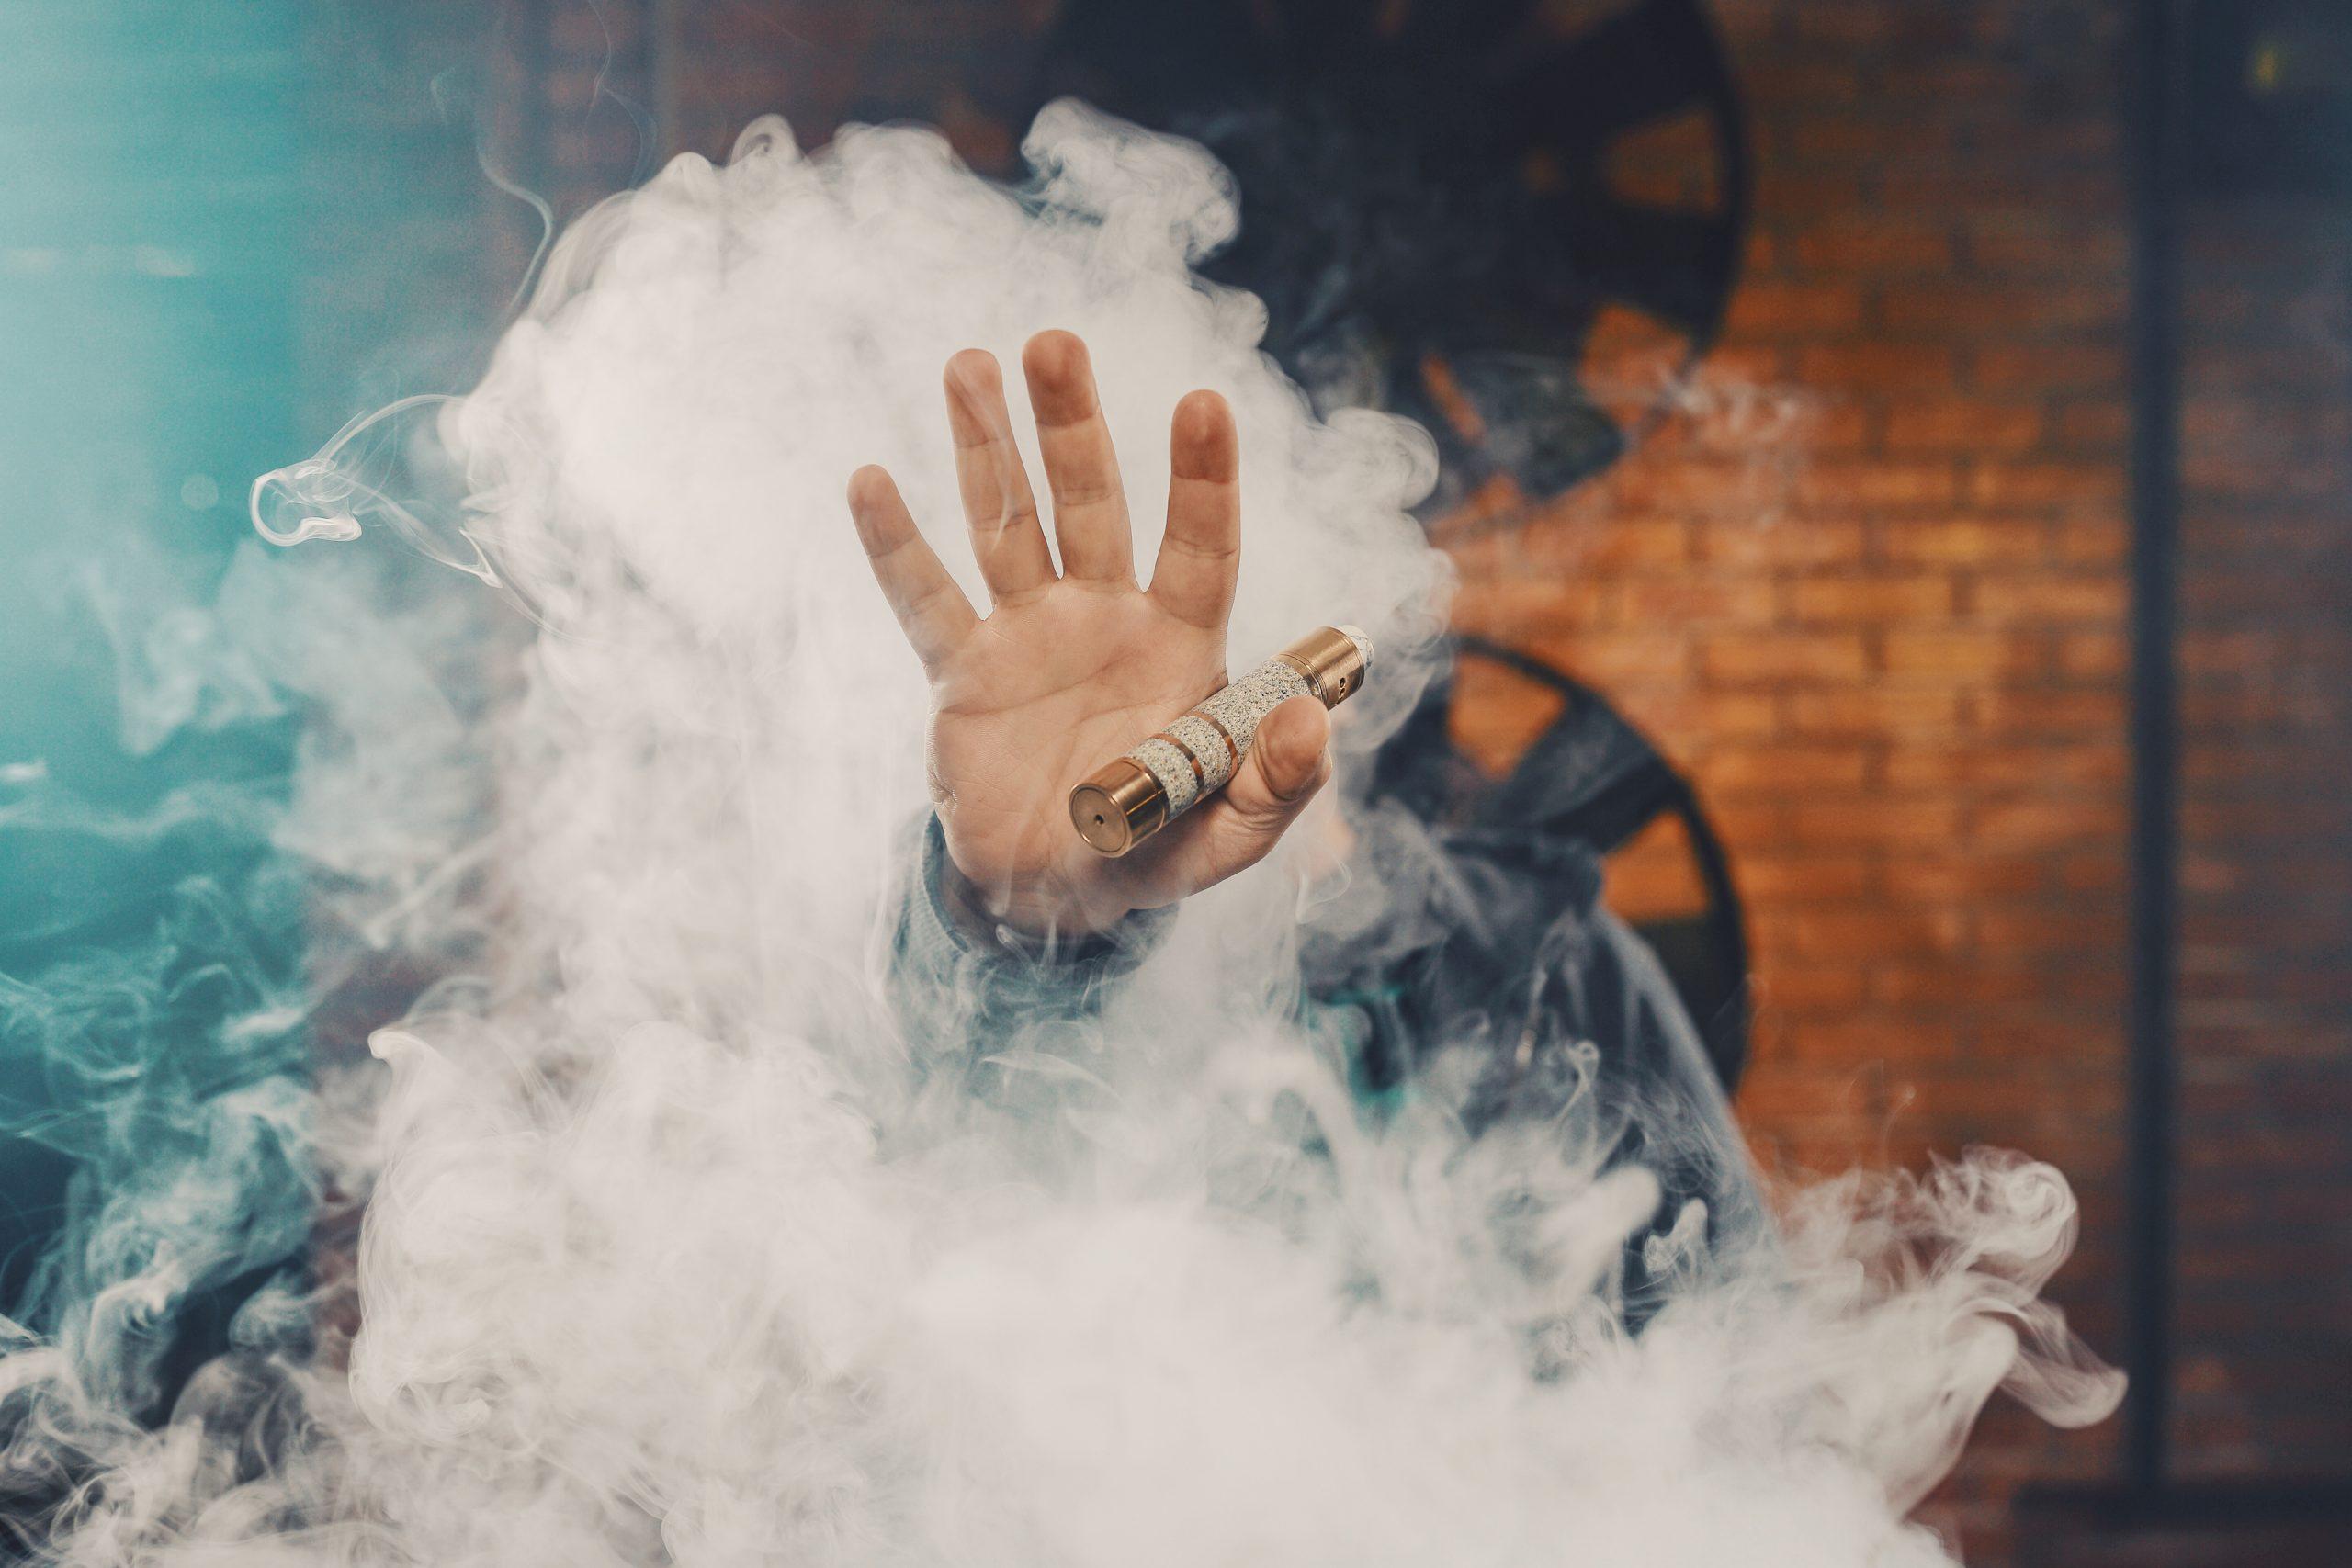 Manifiesto sobre los nuevos productos del tabaco